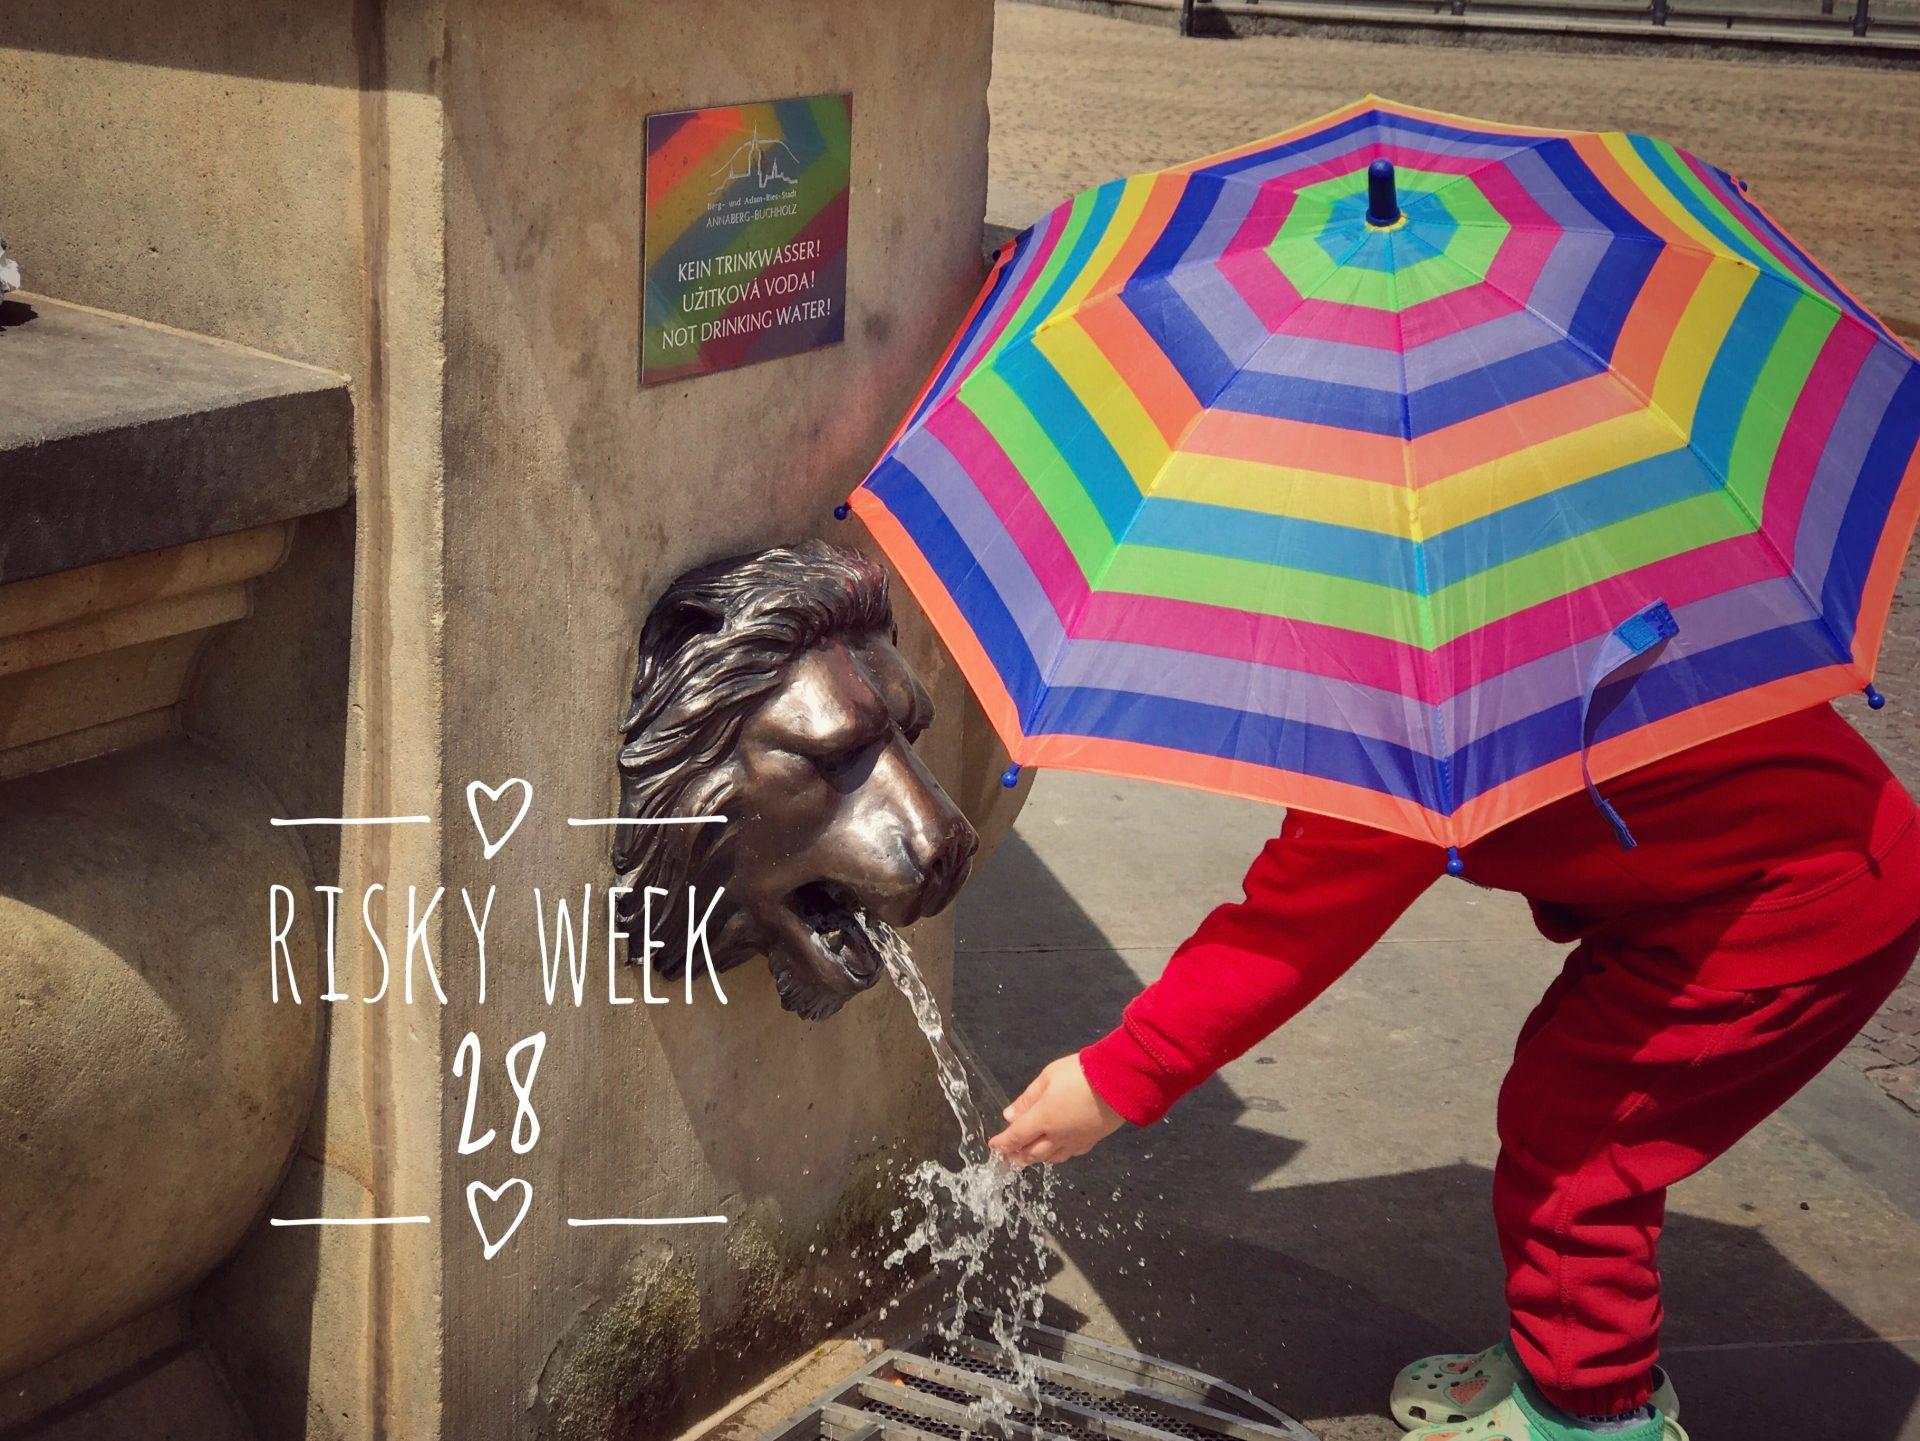 Risky Week 28 – Merlin in Annaberg